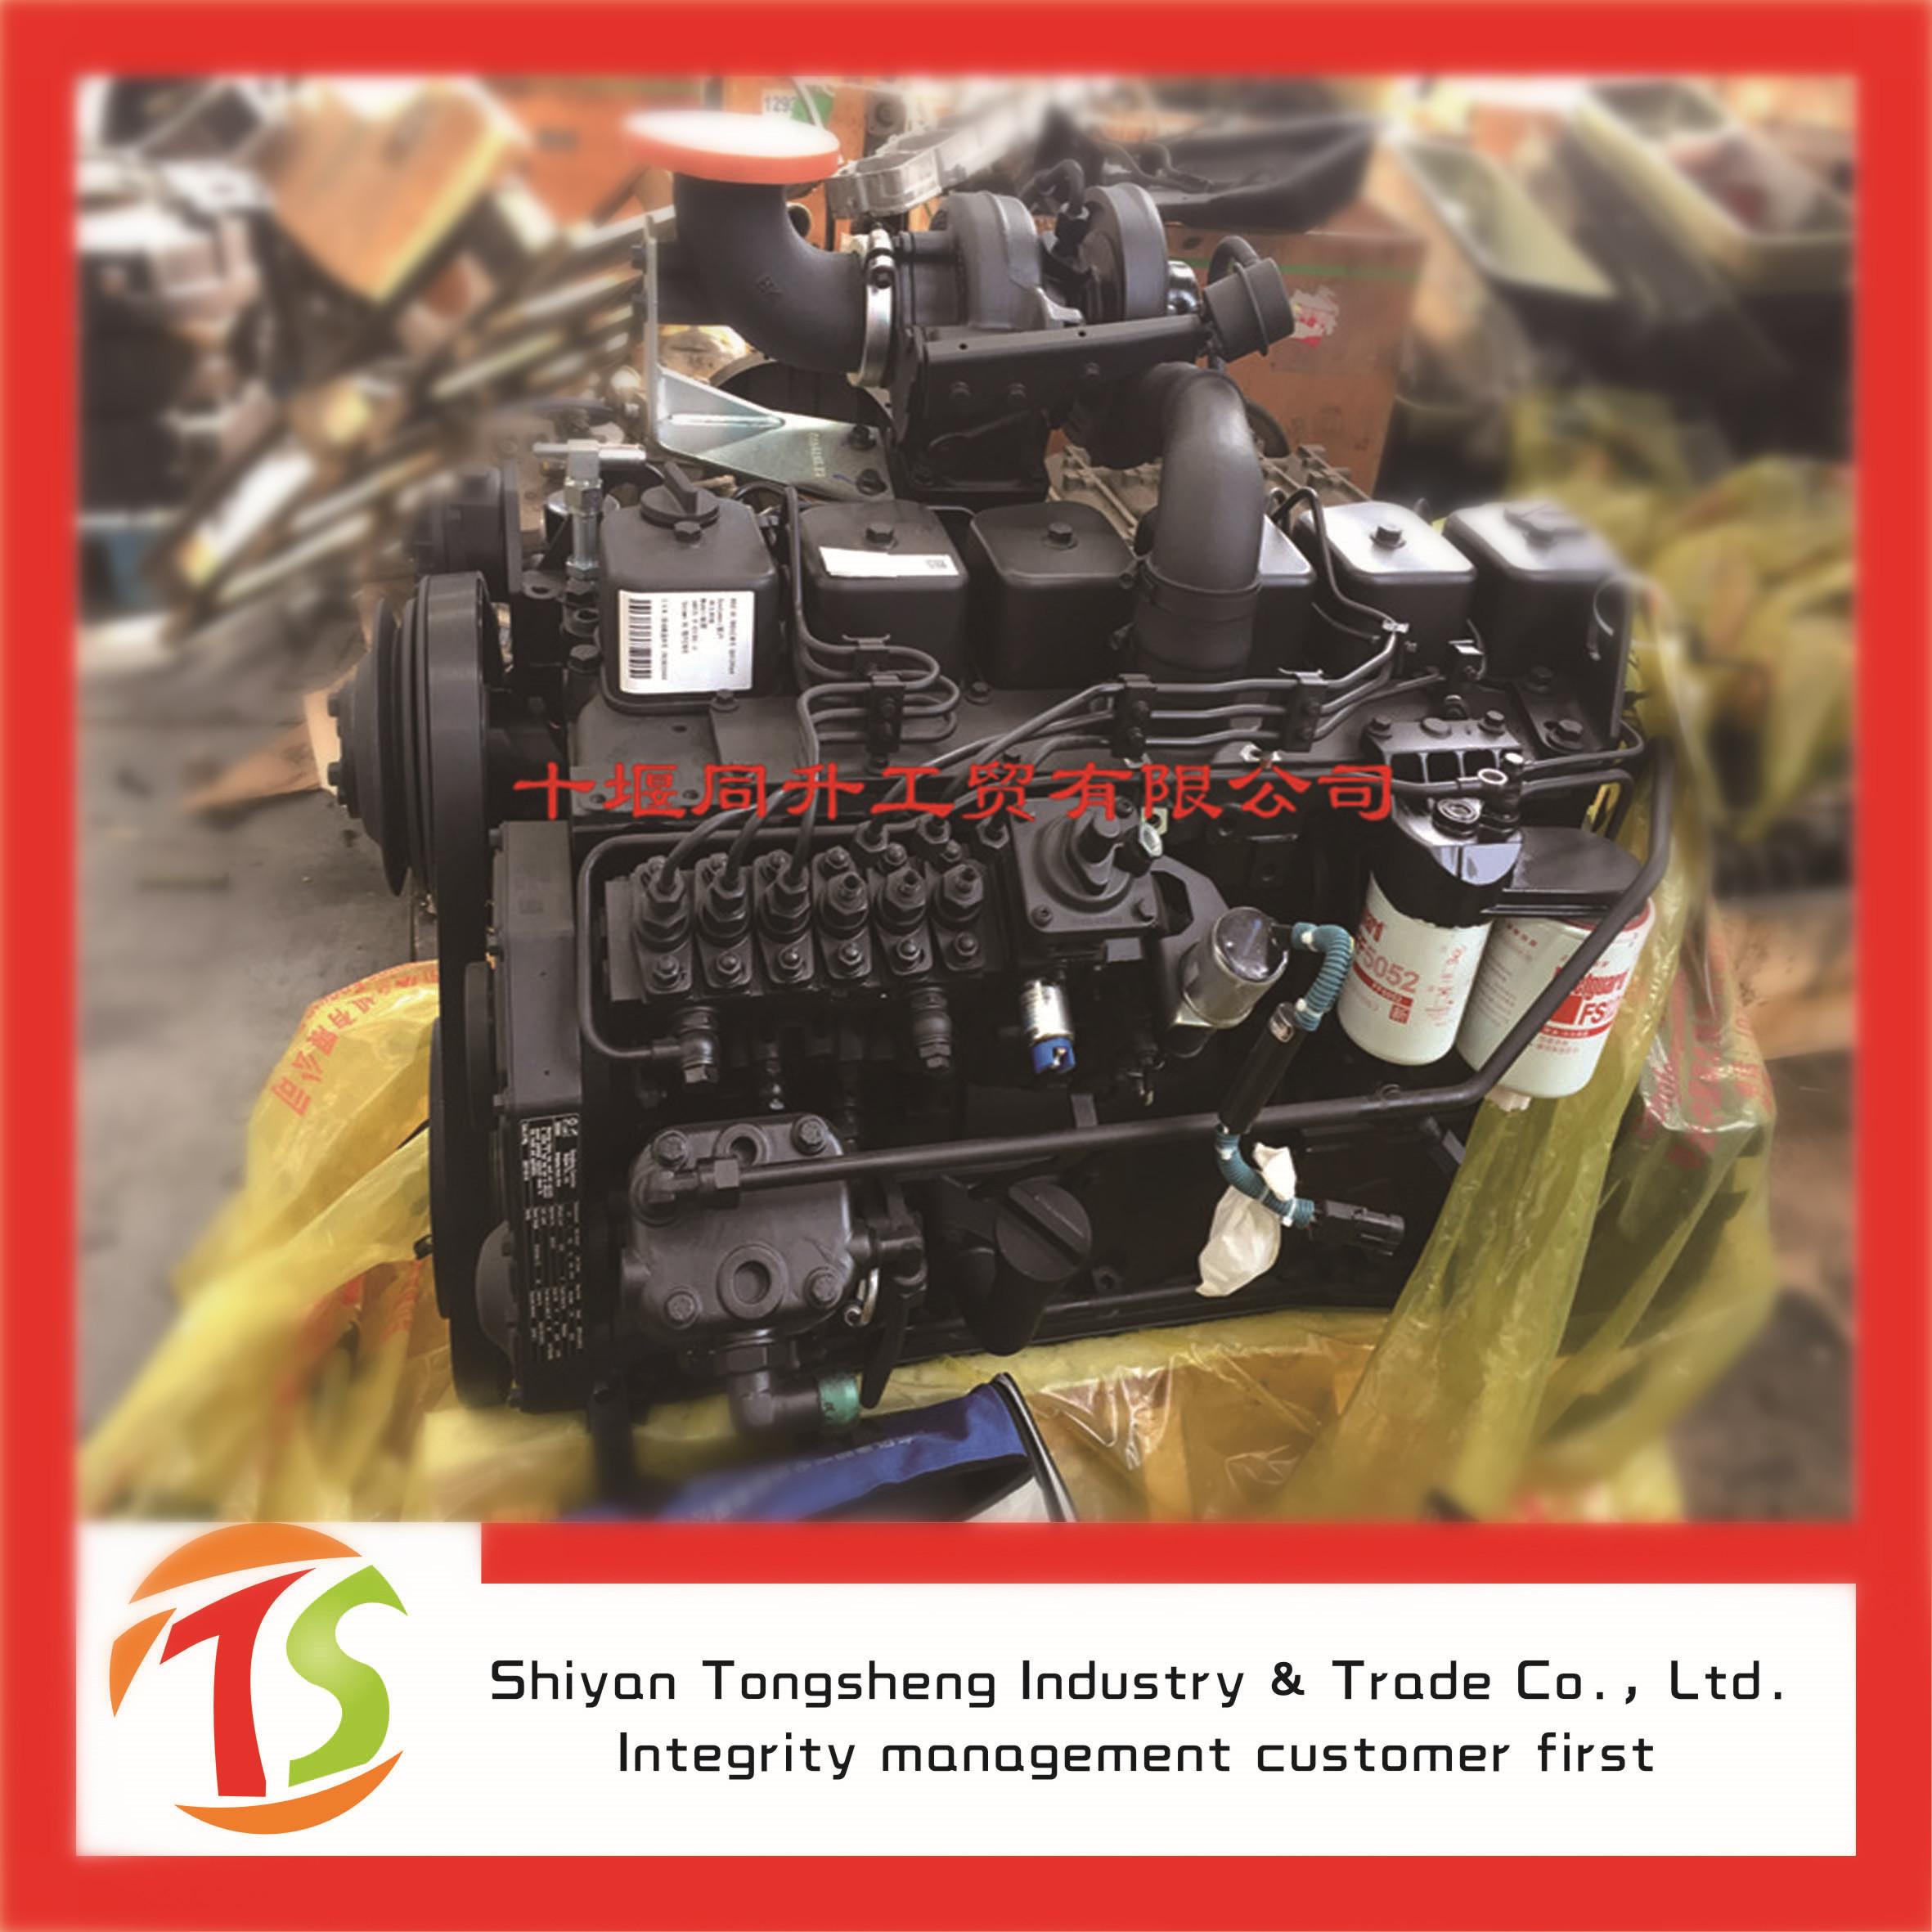 美国进口原装康明斯6LTAA89-P300泵用全新6缸发动机总成